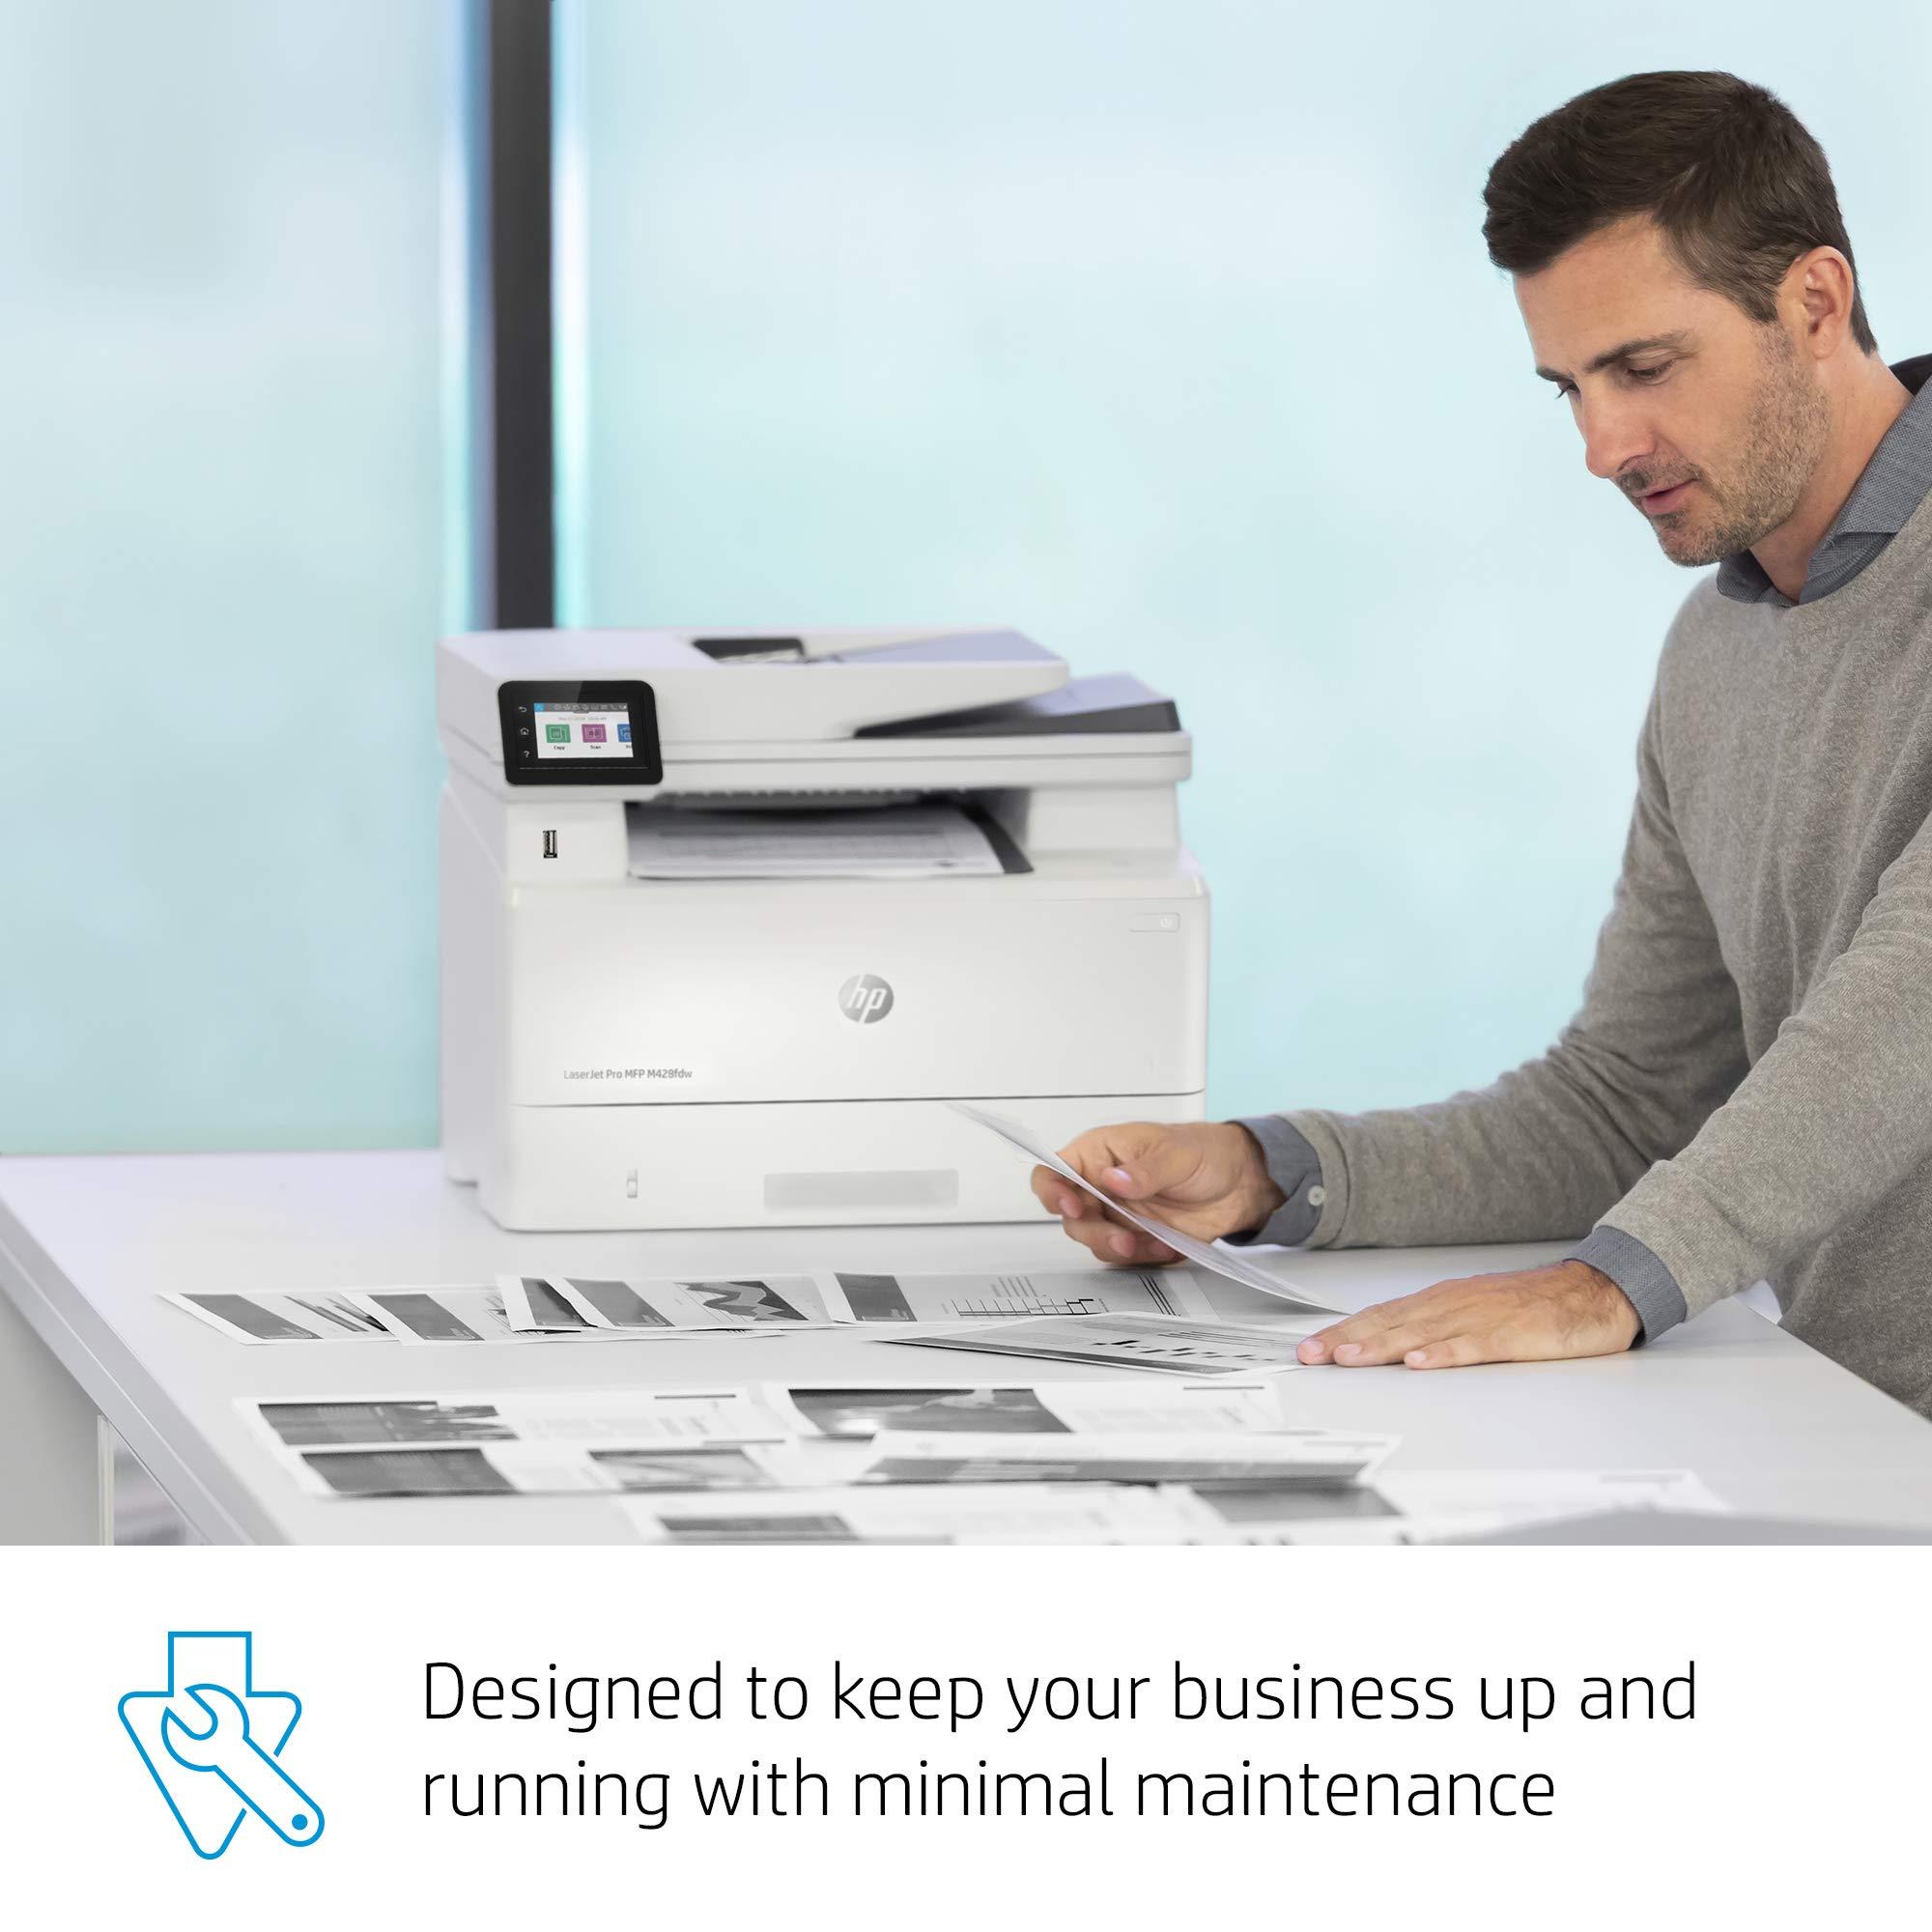 HP LaserJet Pro Multifunction M428fdw Wireless Laser Printer (W1A30A) by HP (Image #11)